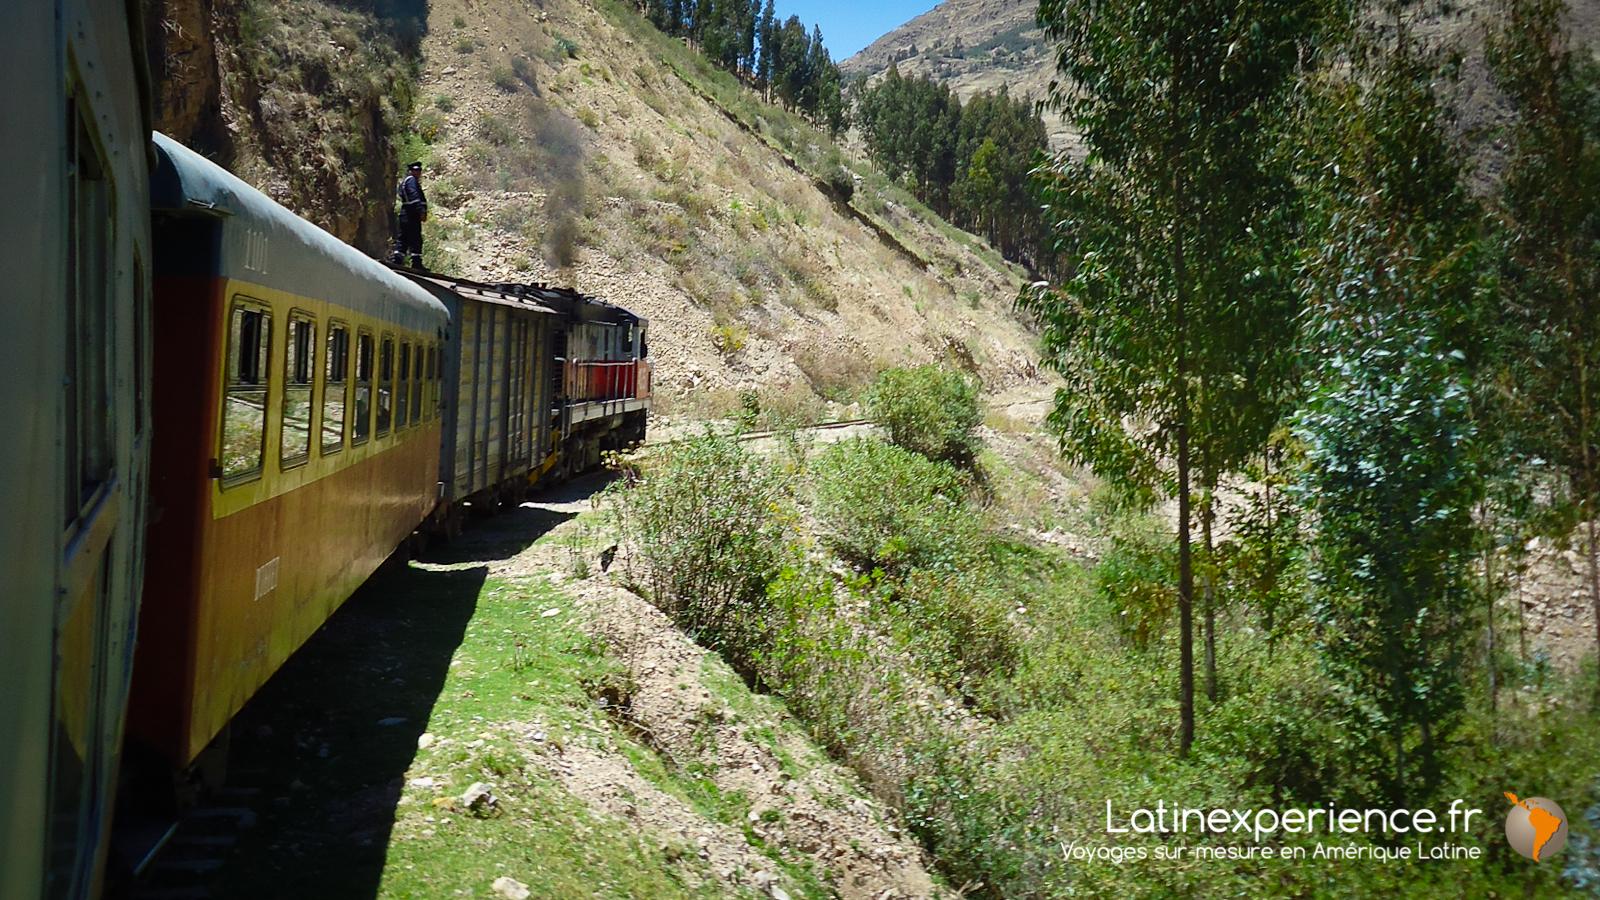 Pérou - Train de Huancavelica  - Latinexperience Voyages